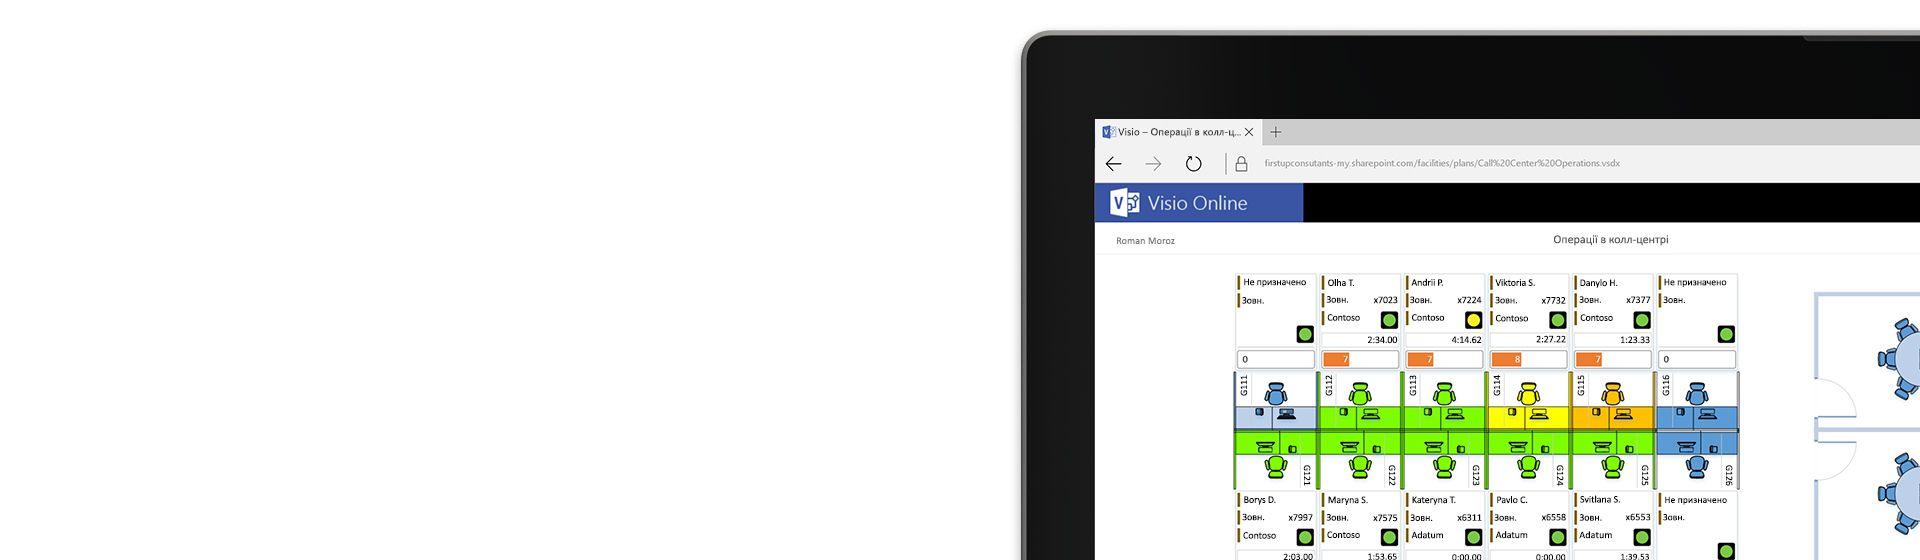 Зображення: куток екрана планшета зі схемою колл-центру у Visio